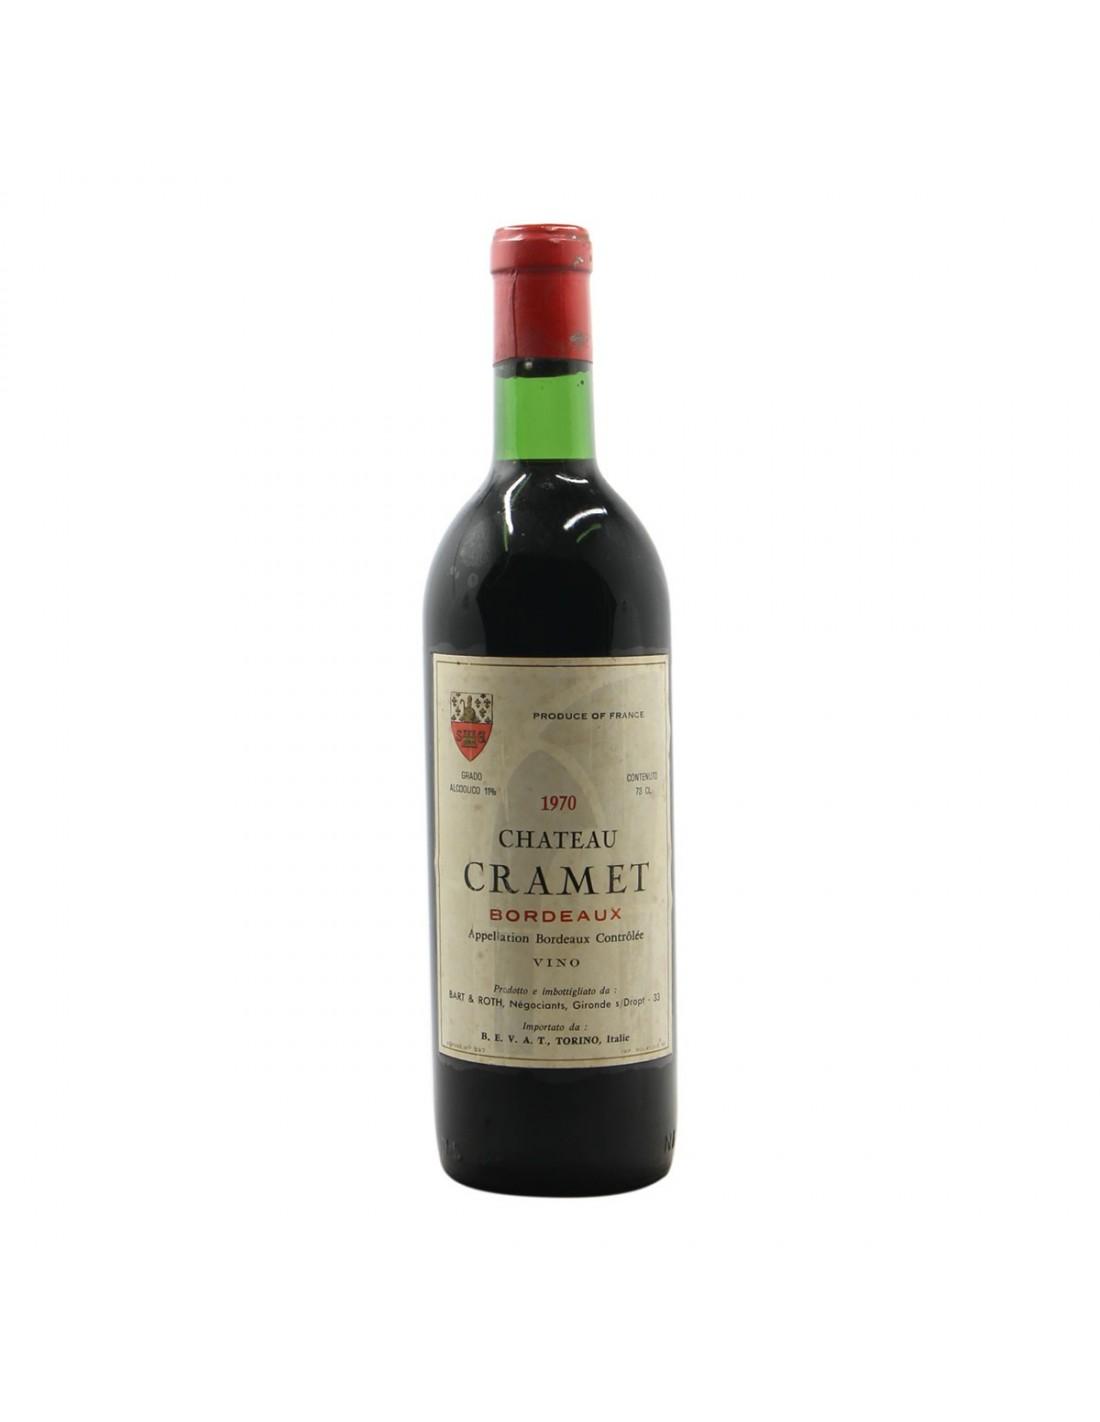 CHATEAU CRAMET 1970 CHATEAU CRAMET Grandi Bottiglie